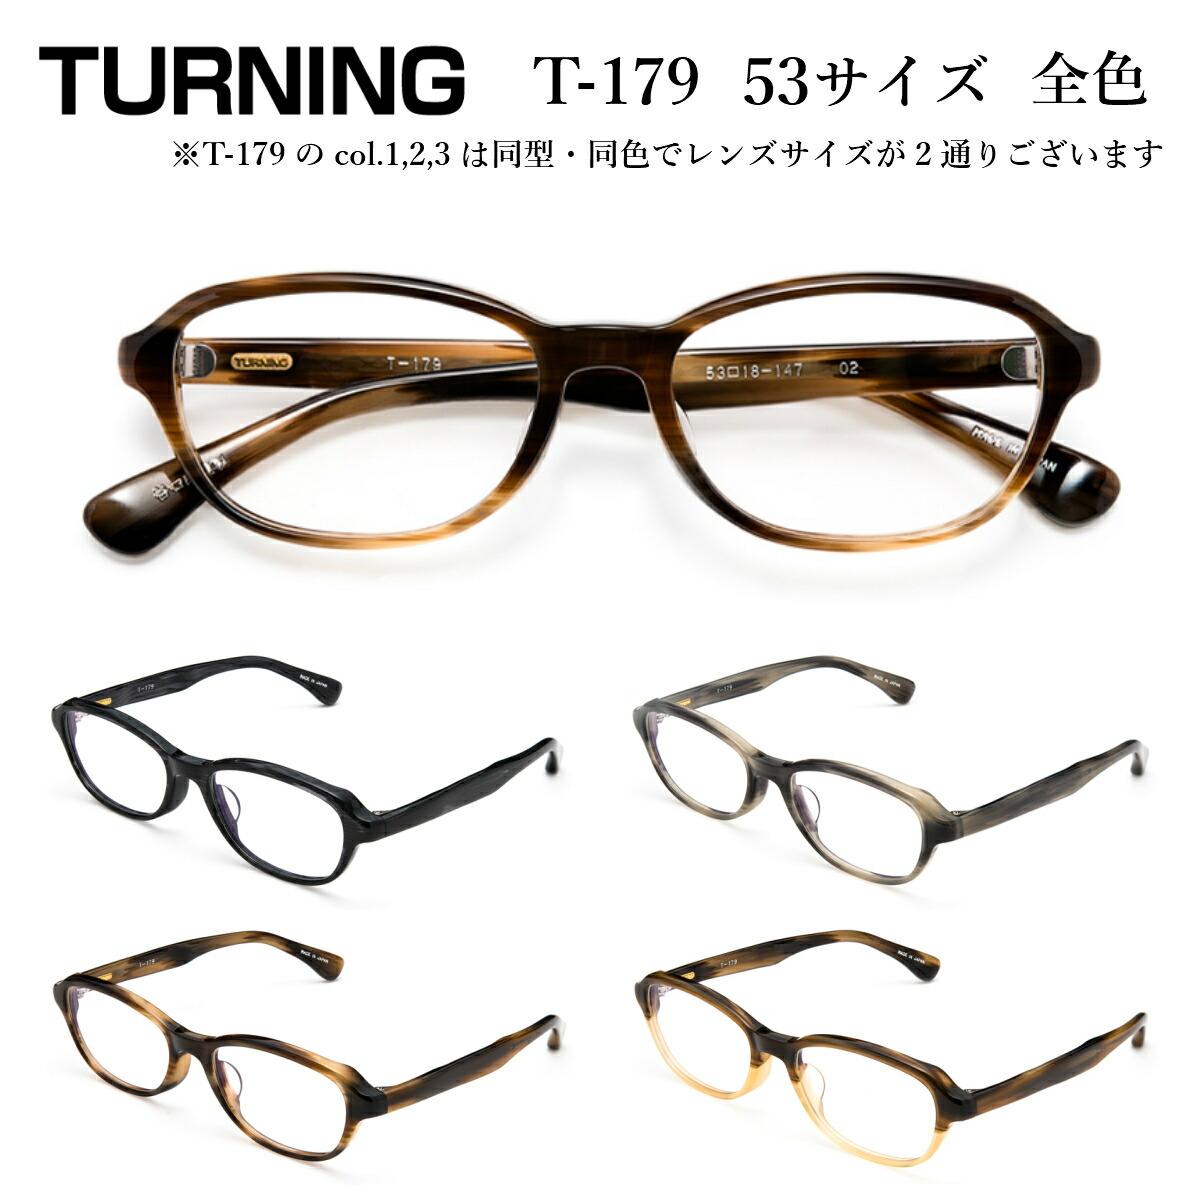 TURNING ターニング 谷口眼鏡 T-179 53サイズ 全色 メガネ 眼鏡 めがね フレーム 度付き 度入り 対応 セル プラスチック アセテート 日本製 国産 鯖江 SABAE ボストン ウェリントン 丸 メンズ レディース 男 女 兼用